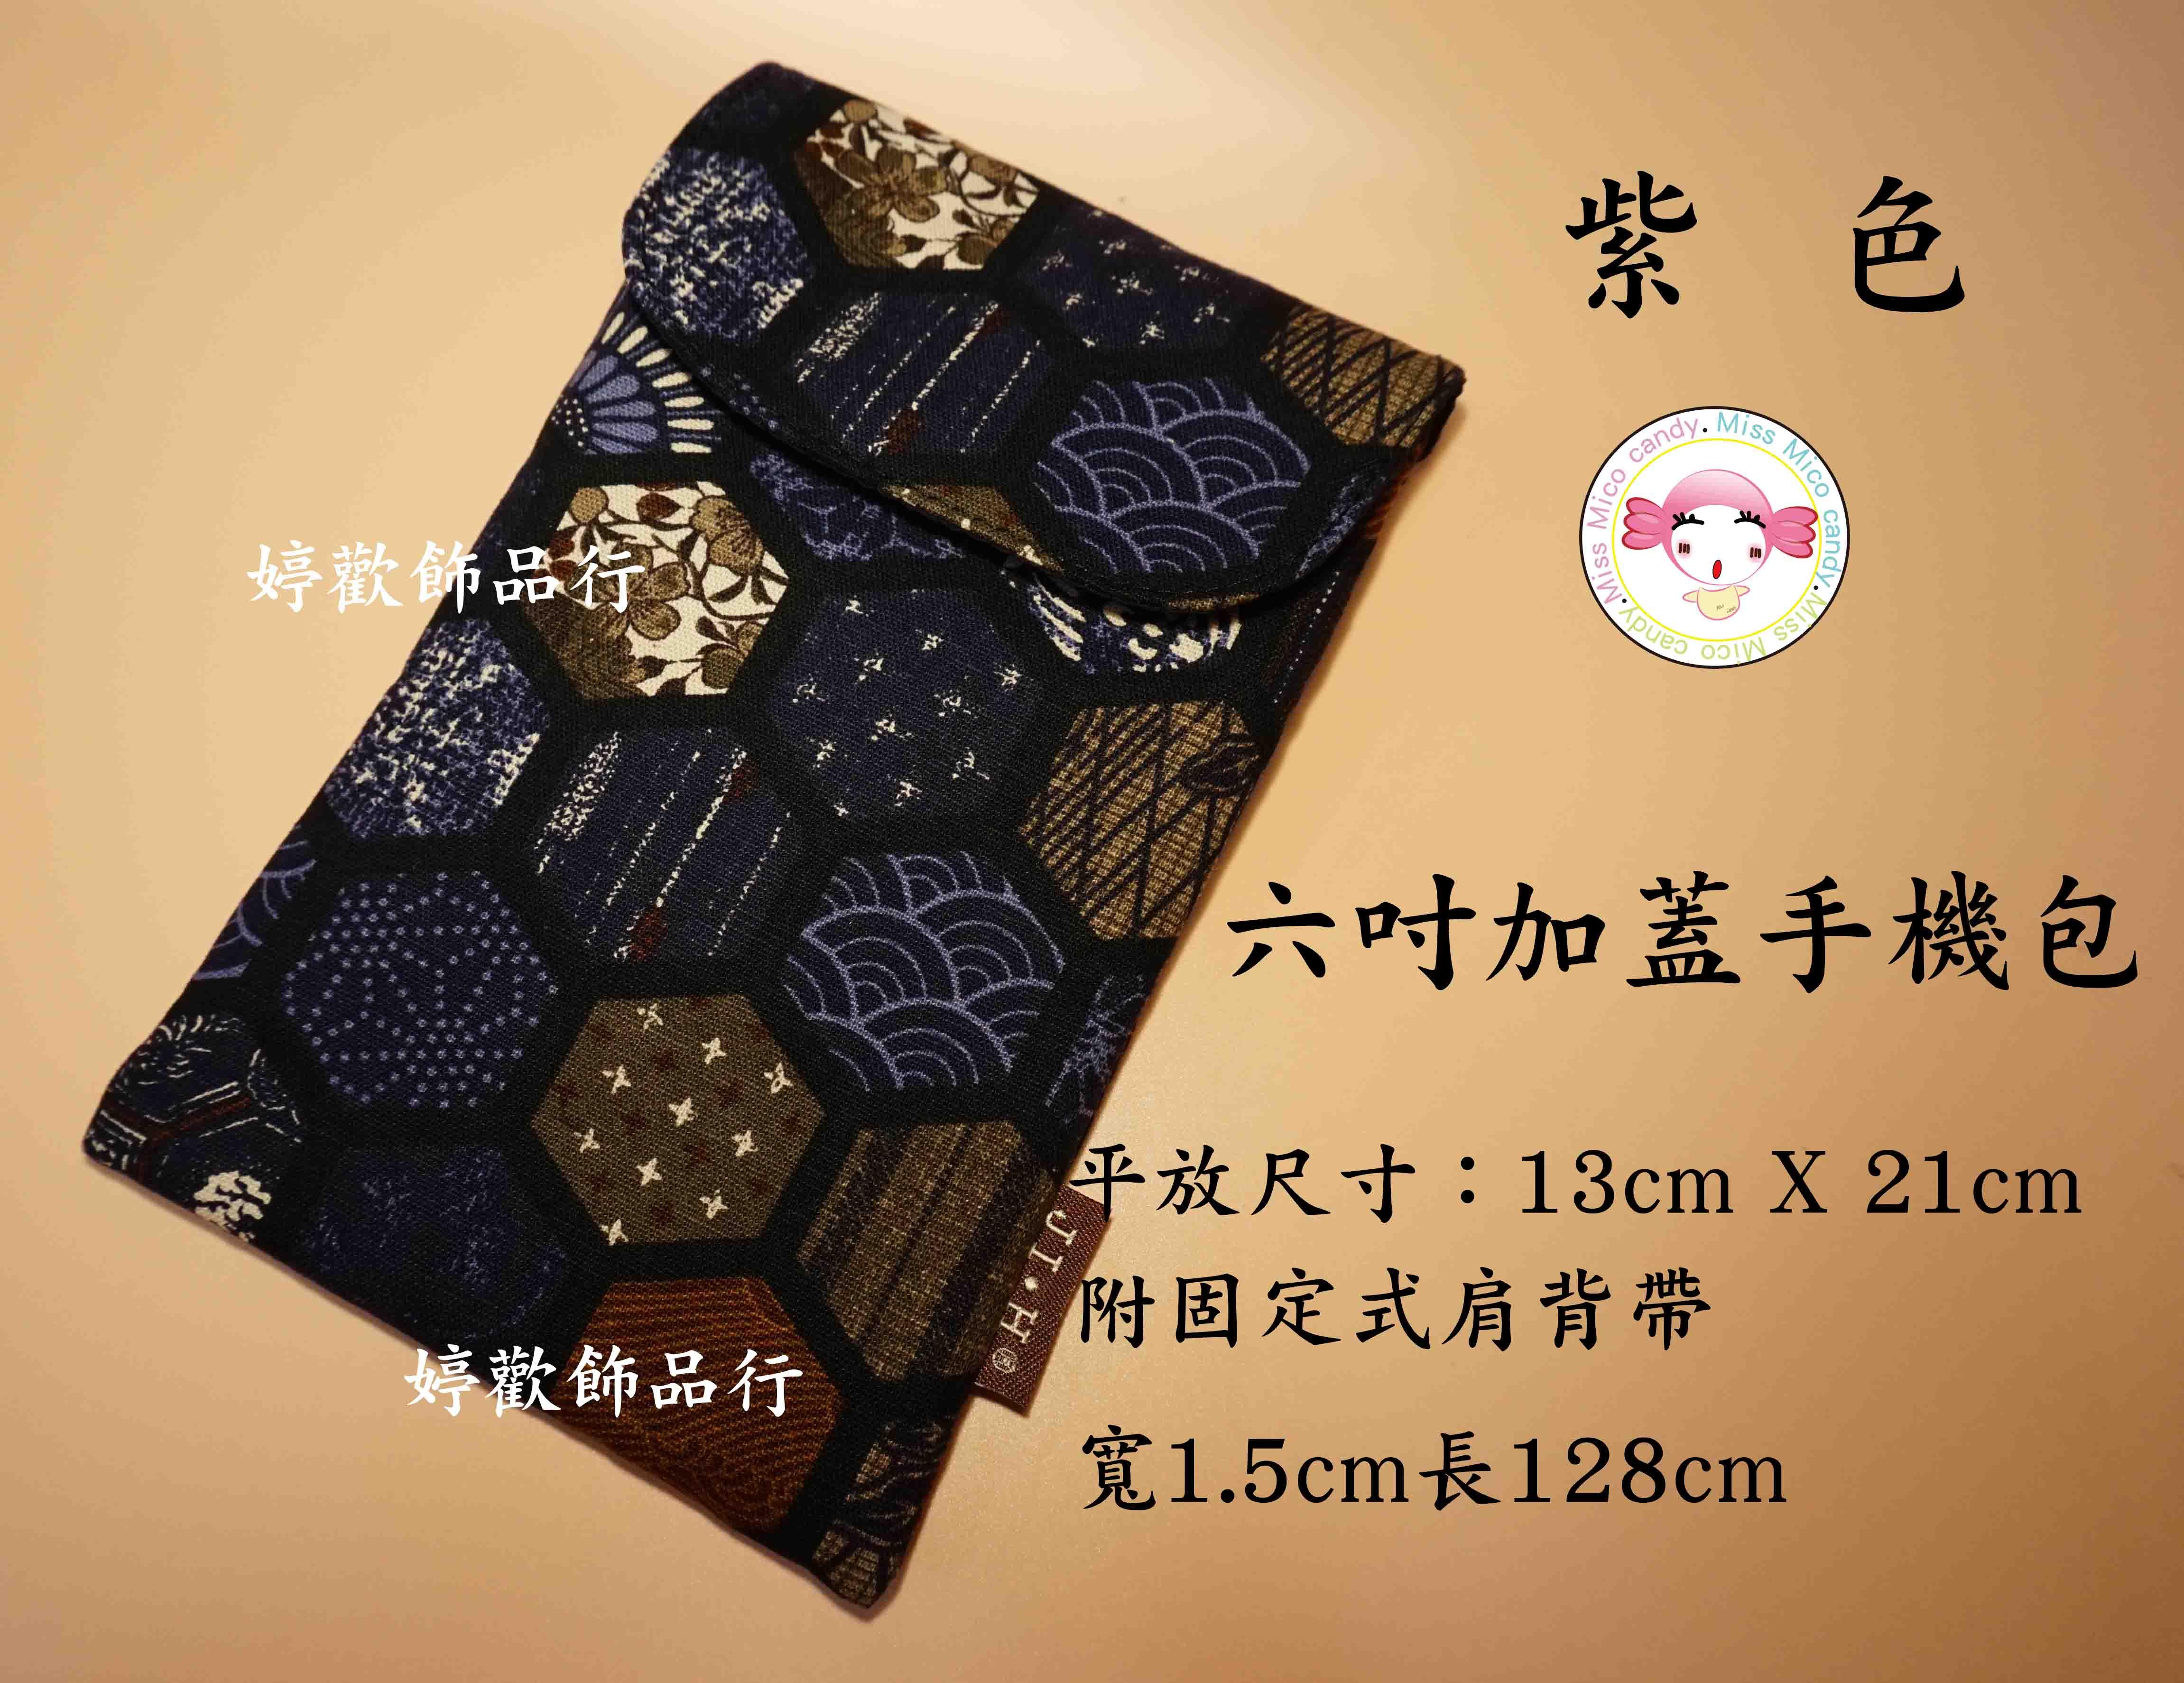 6吋加蓋側背手機袋 相機包『casio zr.Iphone . HTC . Samsung . 小米機.sony』/幾何圖